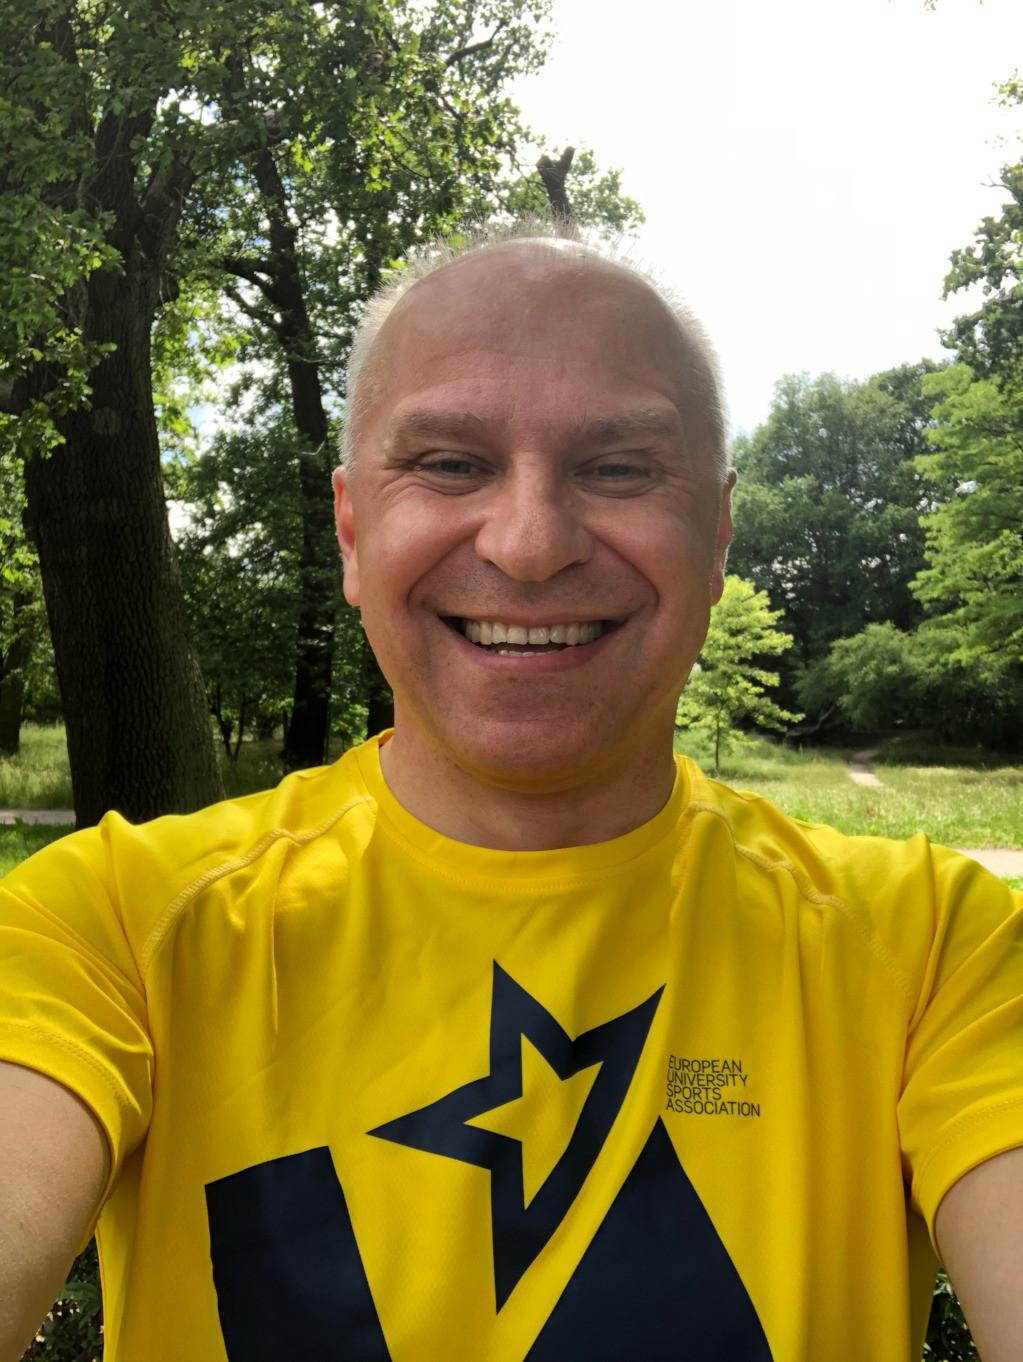 EUSA President Adam Roczek was among the participants in the race ©EUSA